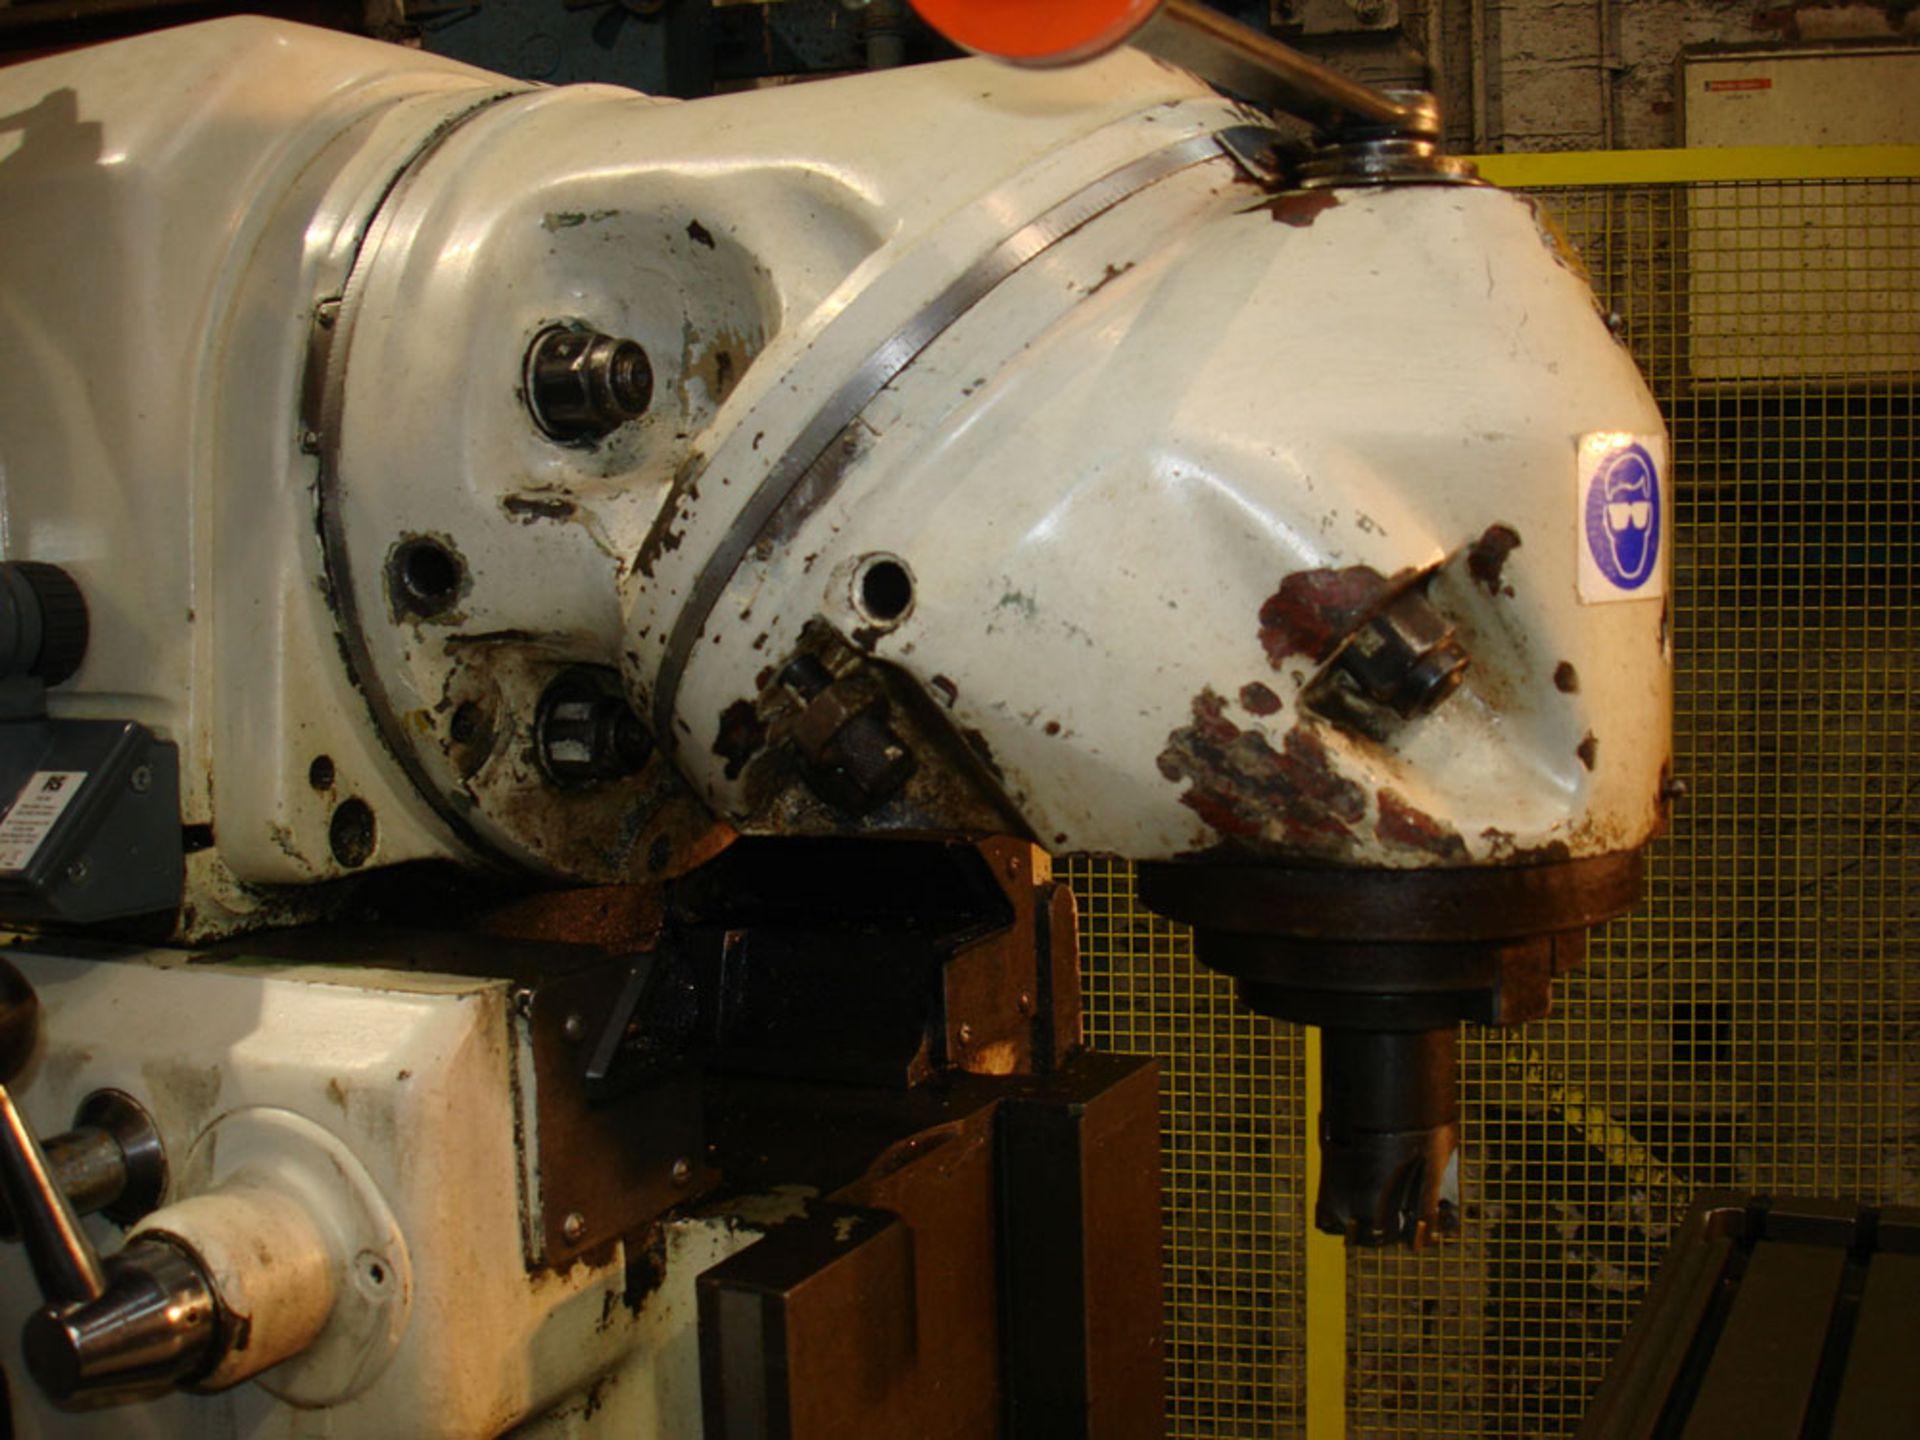 Huron MU6 Universal Milling Machine. - Image 7 of 8